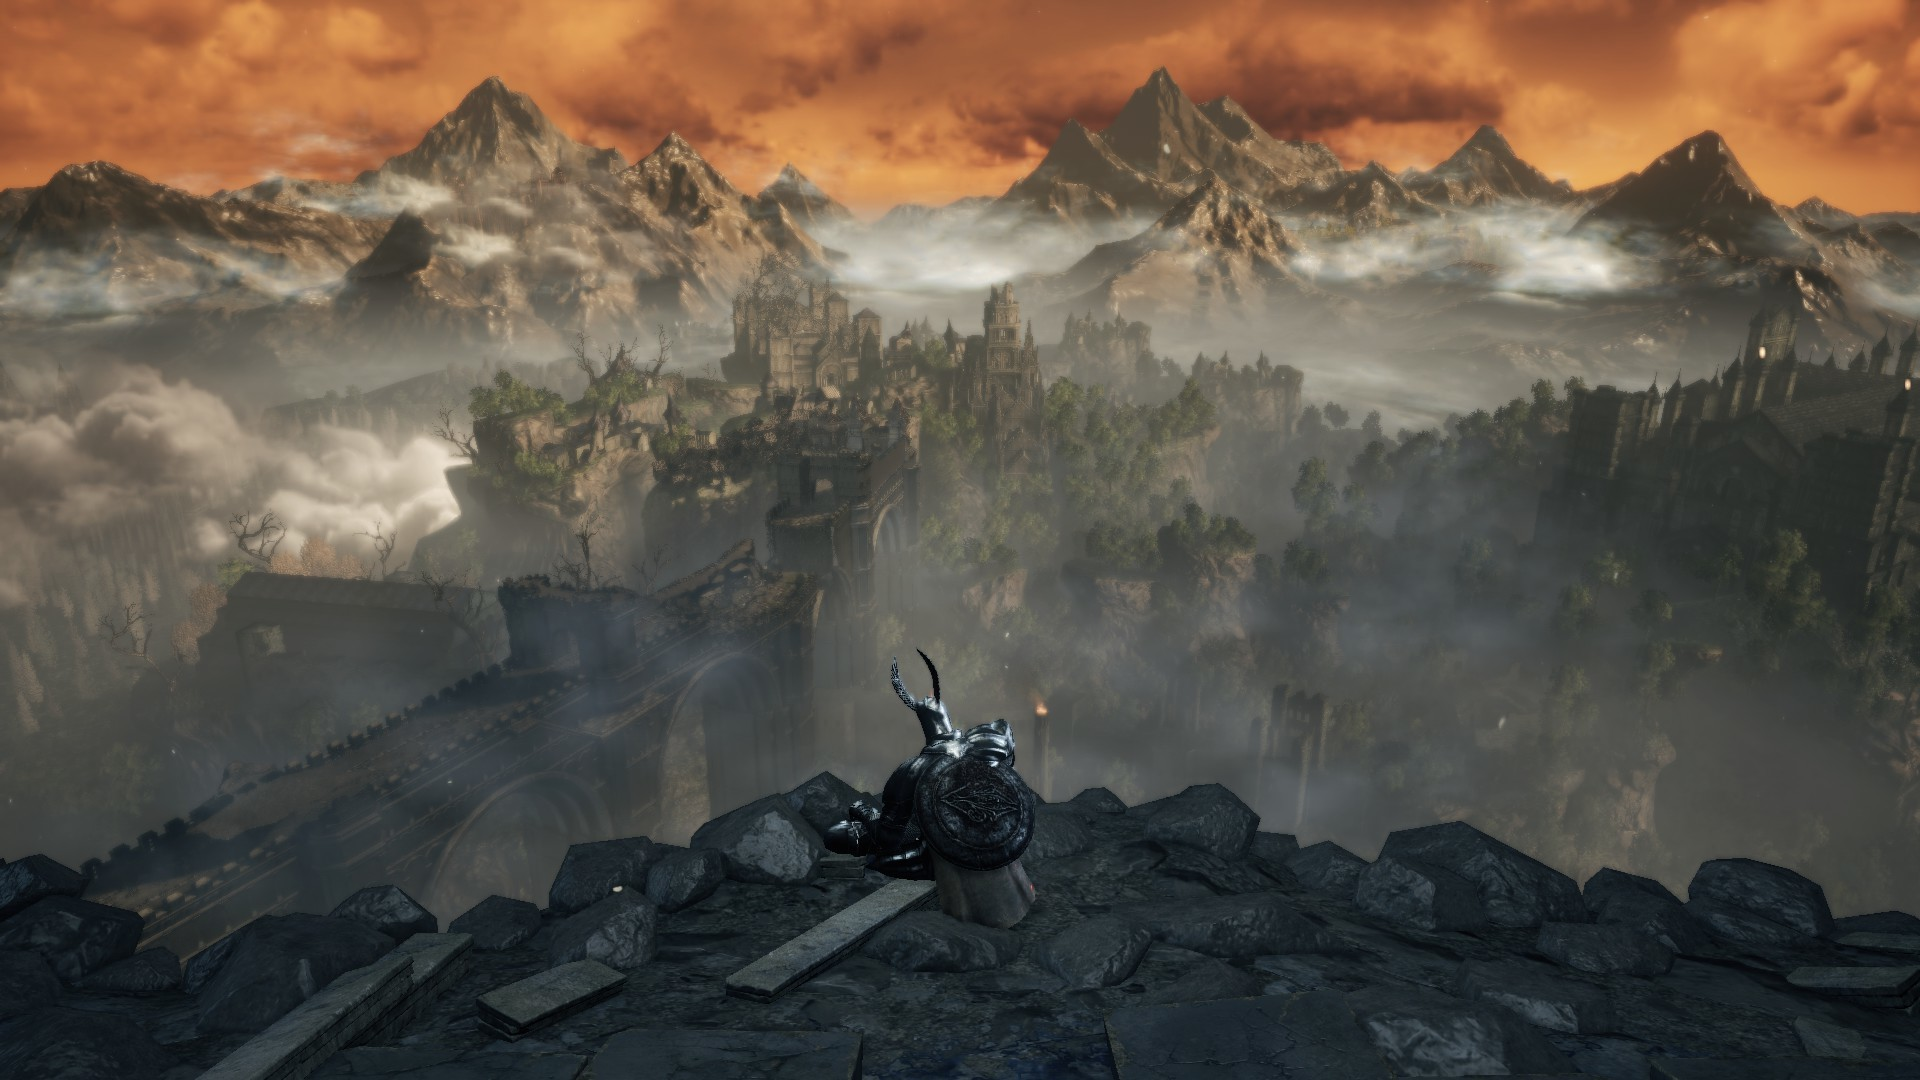 《黑暗之魂3》地图设计评价